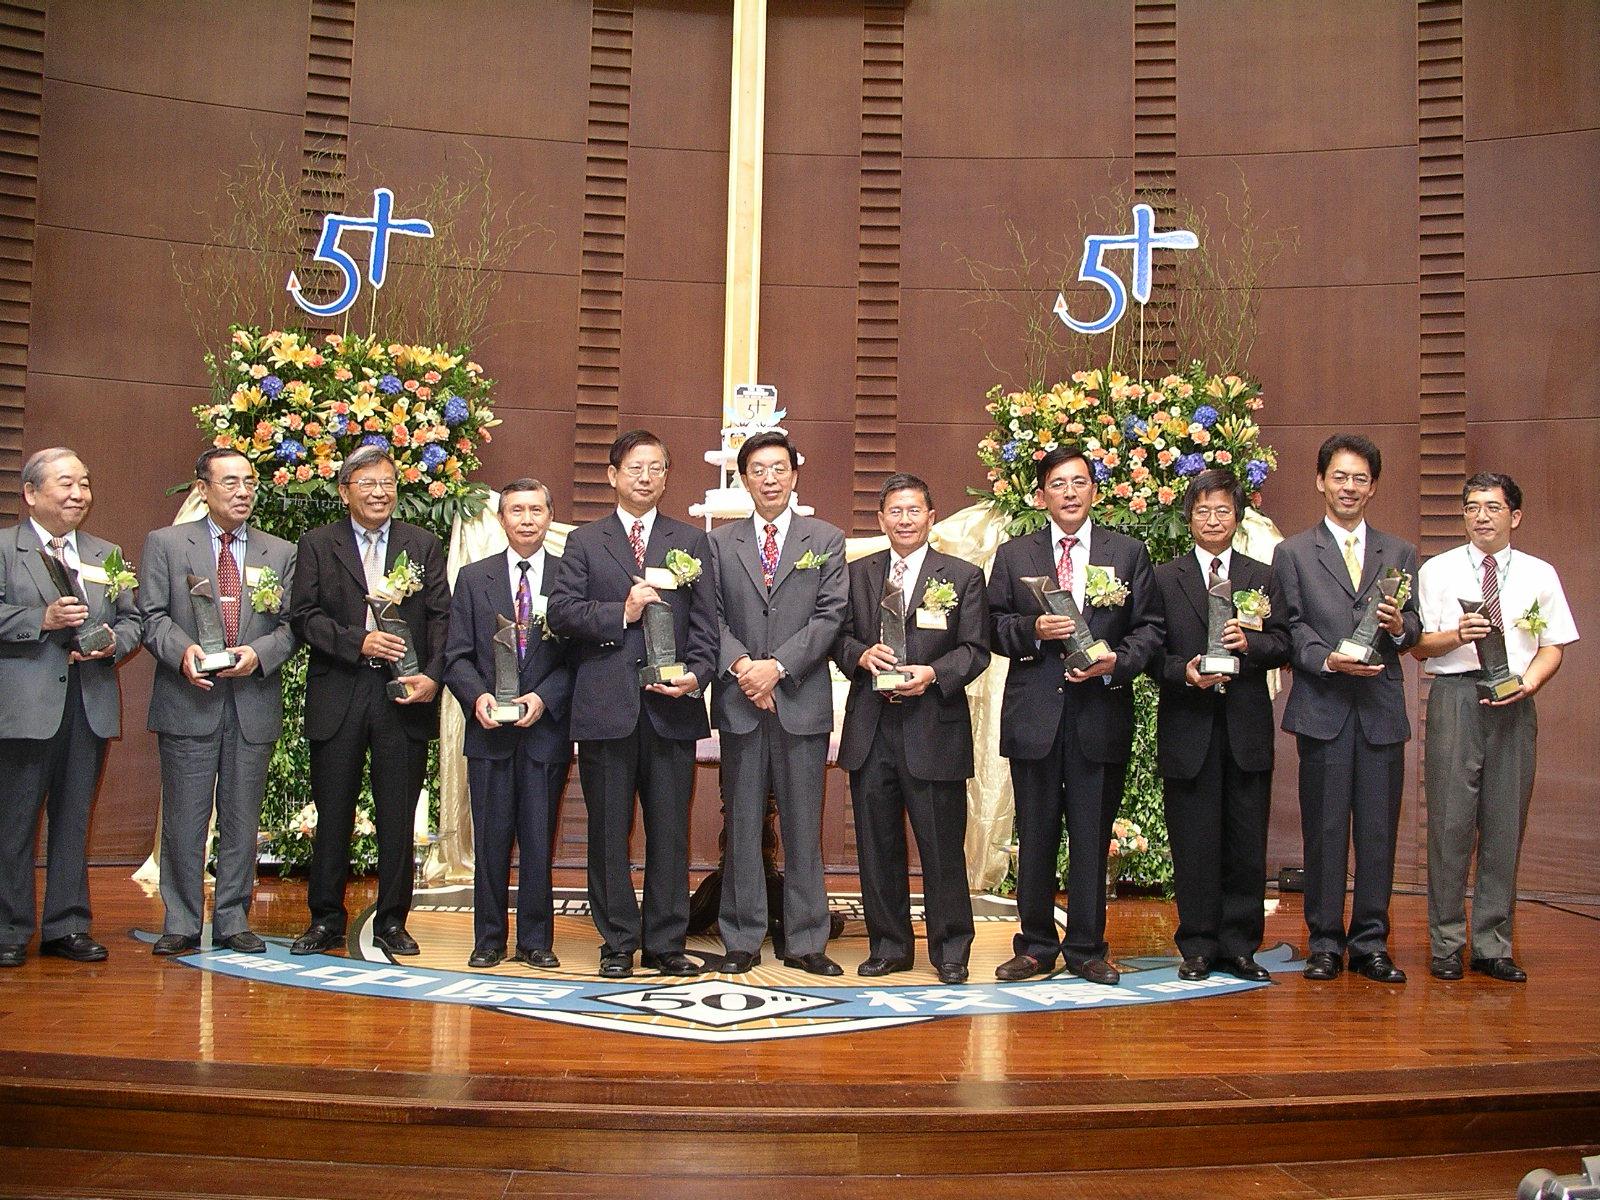 中原大學五十歲生日 慶祝活動熱鬧登場